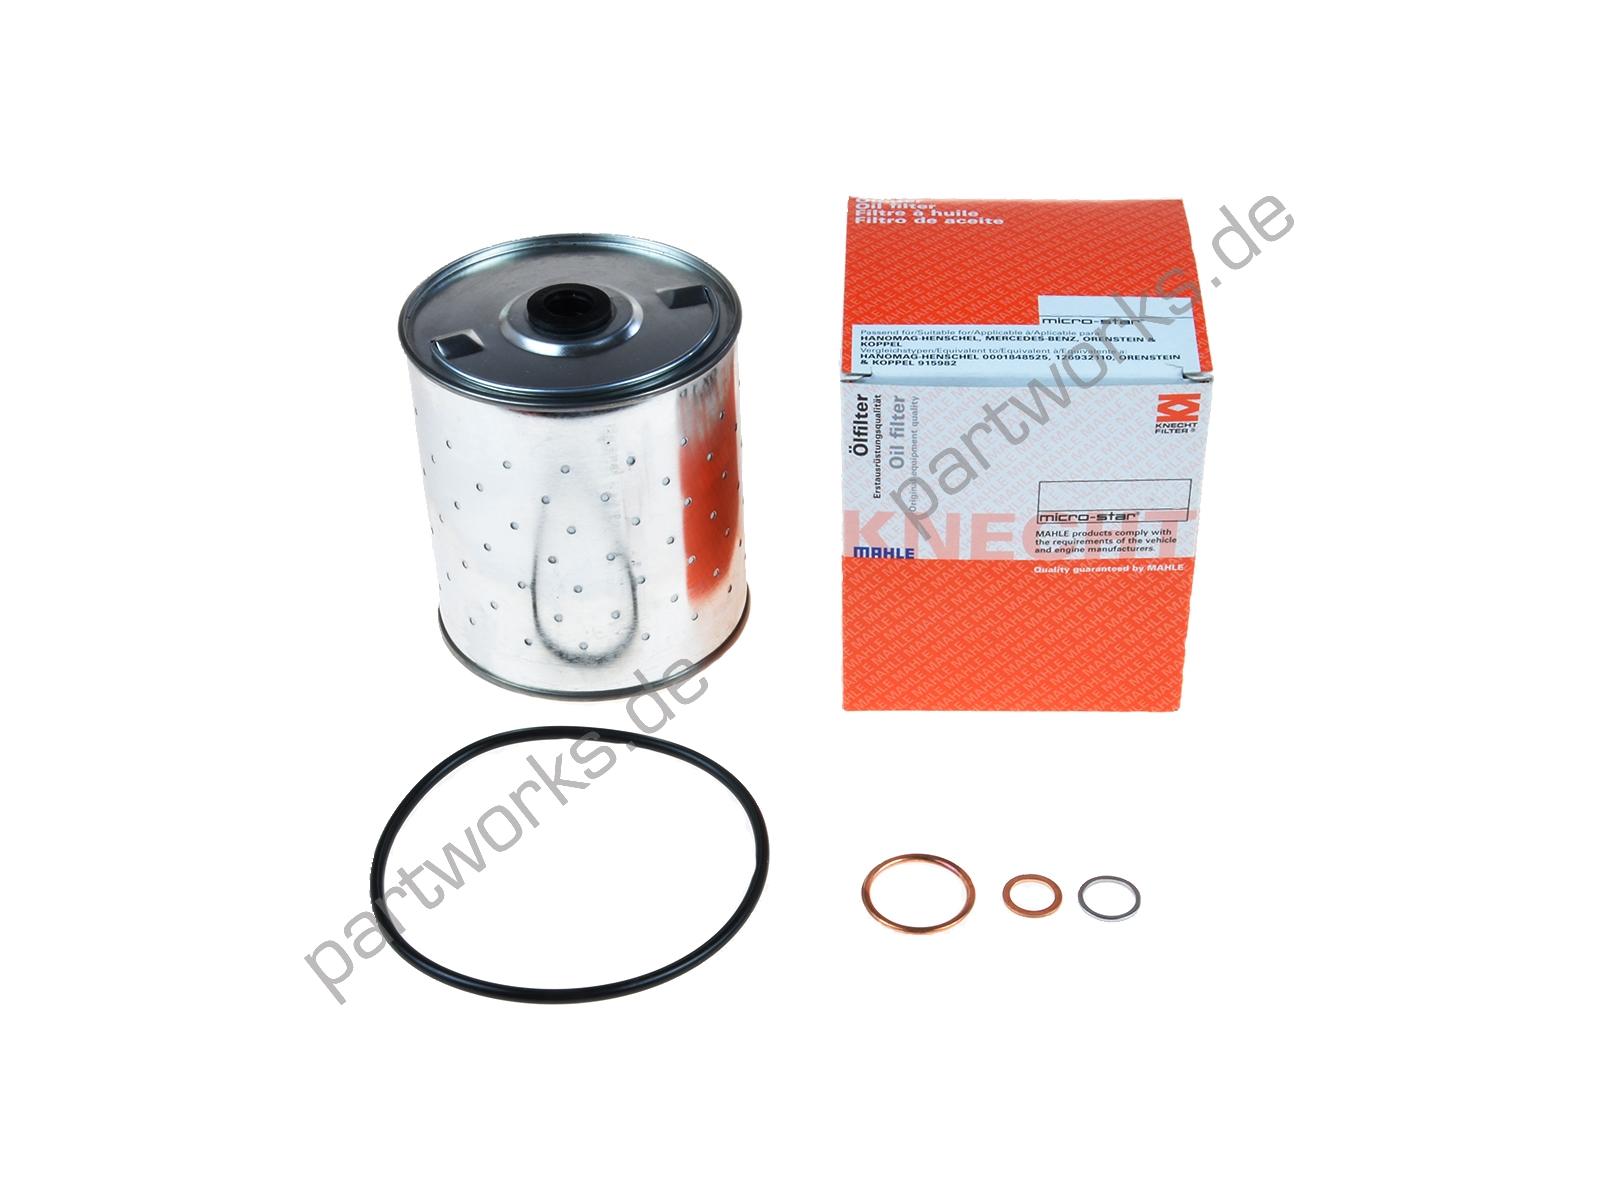 Mahle Ölfilter für alle Porsche 356 A/B/C 912 Motor/Filtereinsatz